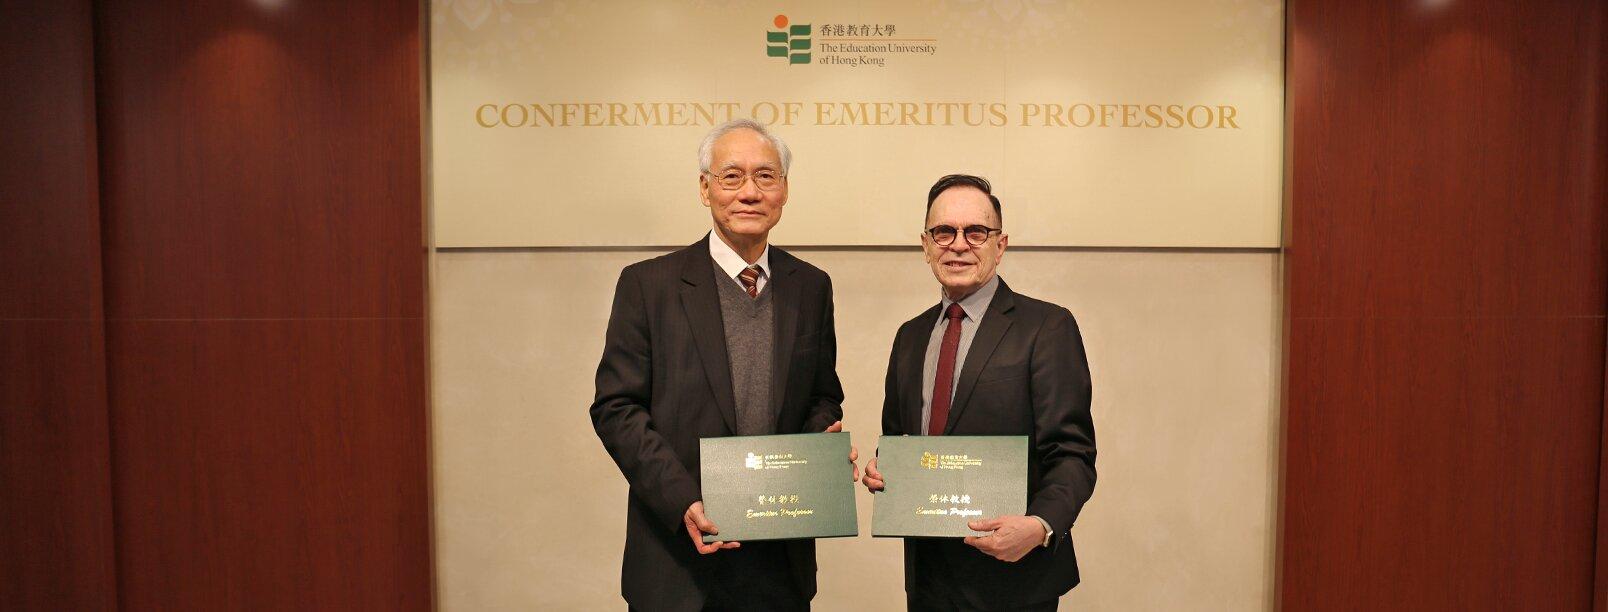 EdUHK Emeritus Professors